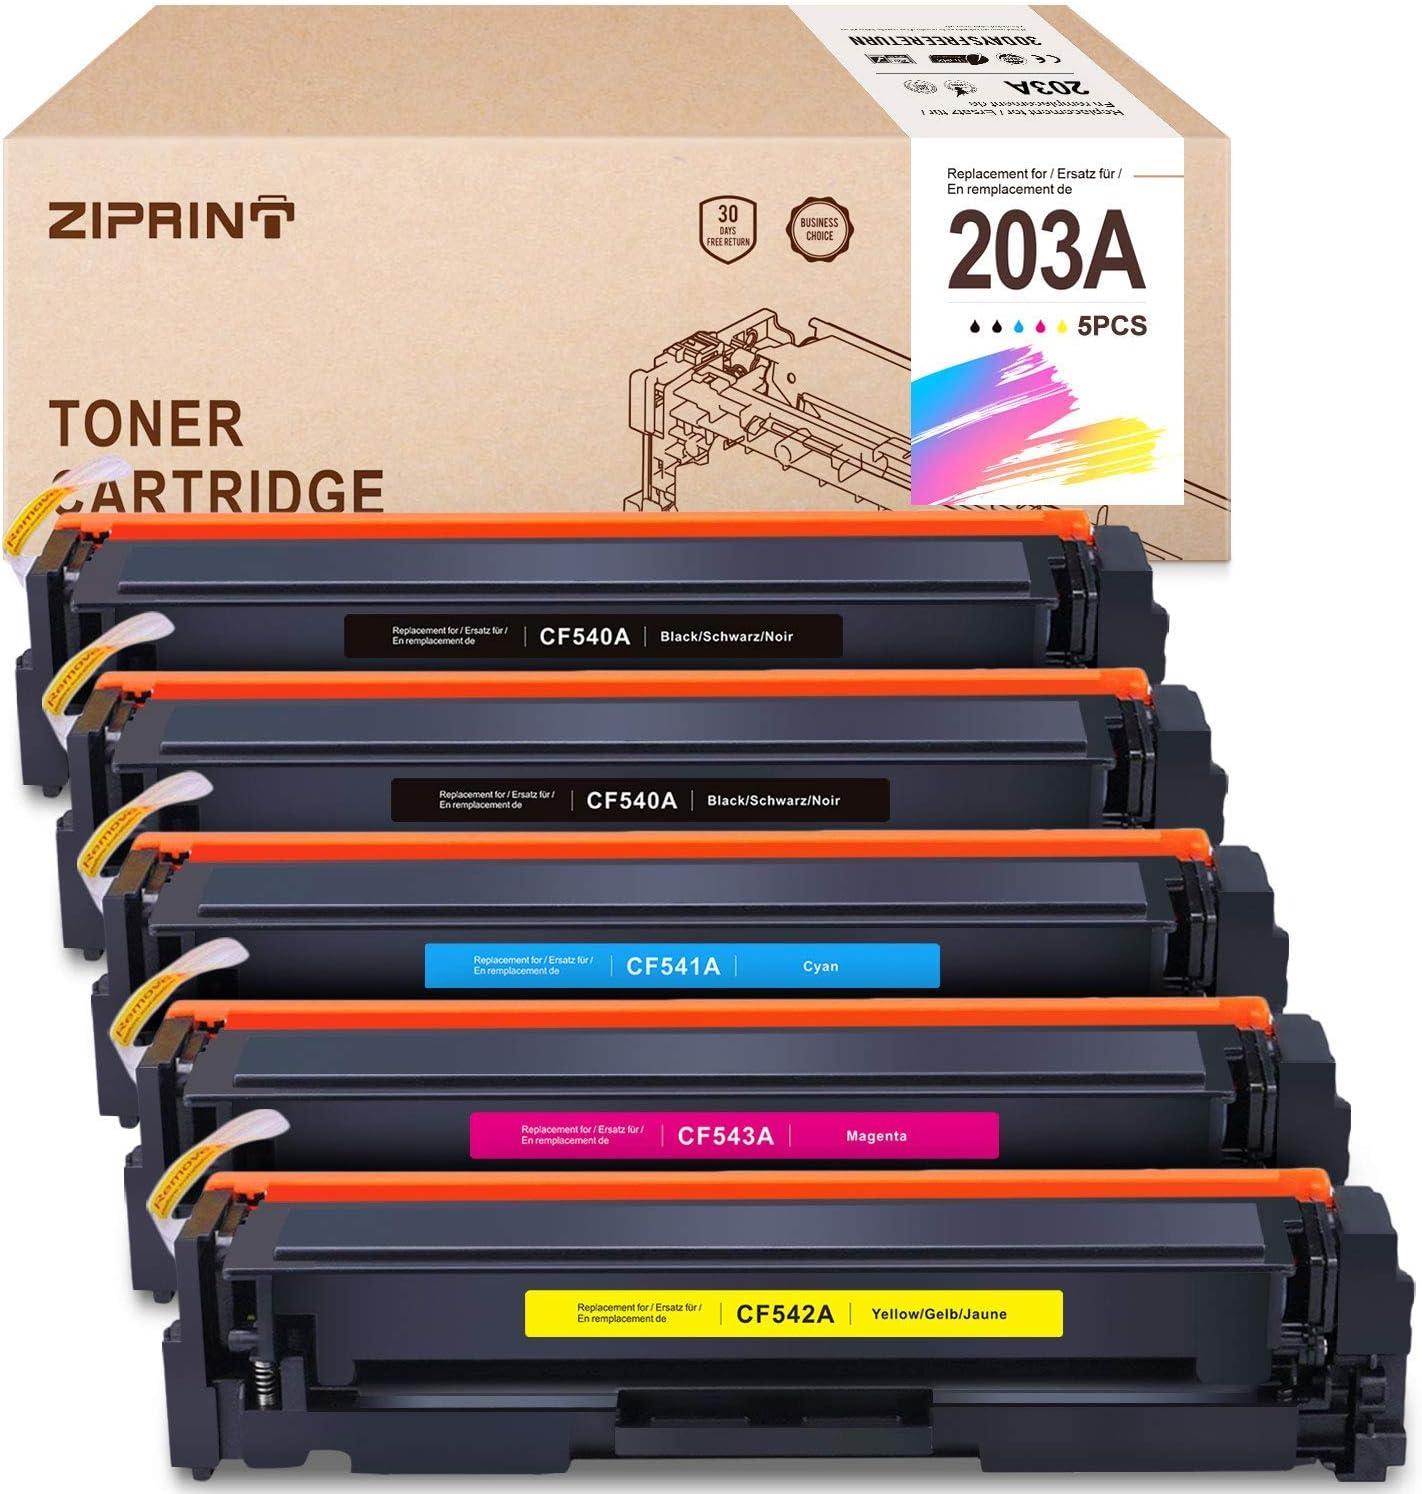 Ziprint 5 Multipack Kompatibel Hp 203a Hp Cf540a Cf541a Cf542a Cf543a Toner Für Hp Color Laserjet M281fdw M281fdn Laserjet M254dw M254nw Laserjet M280nw Bürobedarf Schreibwaren